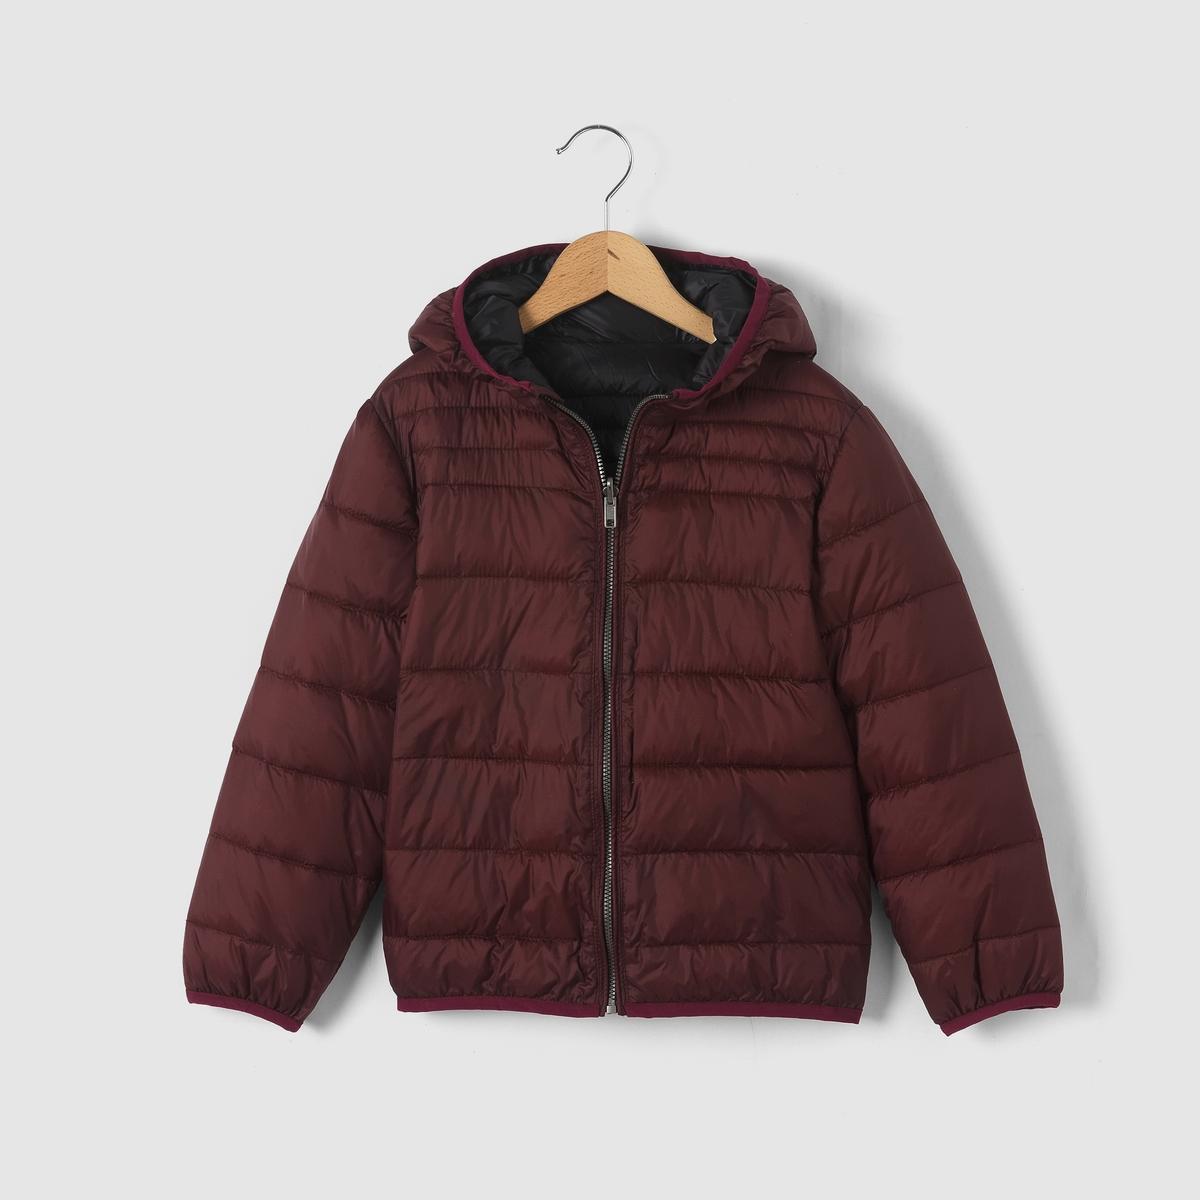 Куртка стеганая тонкая двухсторонняя, 3-12 летОписание:Детали •  Демисезонная модель •  Непромокаемая •  Застежка на молнию •  С капюшоном •  Длина : средняяСостав и уход •  100% полиэстер •  Подкладка : 100% полиэстер •  Наполнитель : 100% полиэстер •  Температура стирки 30° на деликатном режиме •  Сухая чистка и отбеливание запрещены •  Барабанная сушка на деликатном режиме •  Не гладить<br><br>Цвет: темно-синий,черный/бордовый<br>Размер: 6 лет - 114 см.8 лет - 126 см.10 лет - 138 см.12 лет -150 см.6 лет - 114 см.12 лет -150 см.8 лет - 126 см.4 года - 102 см